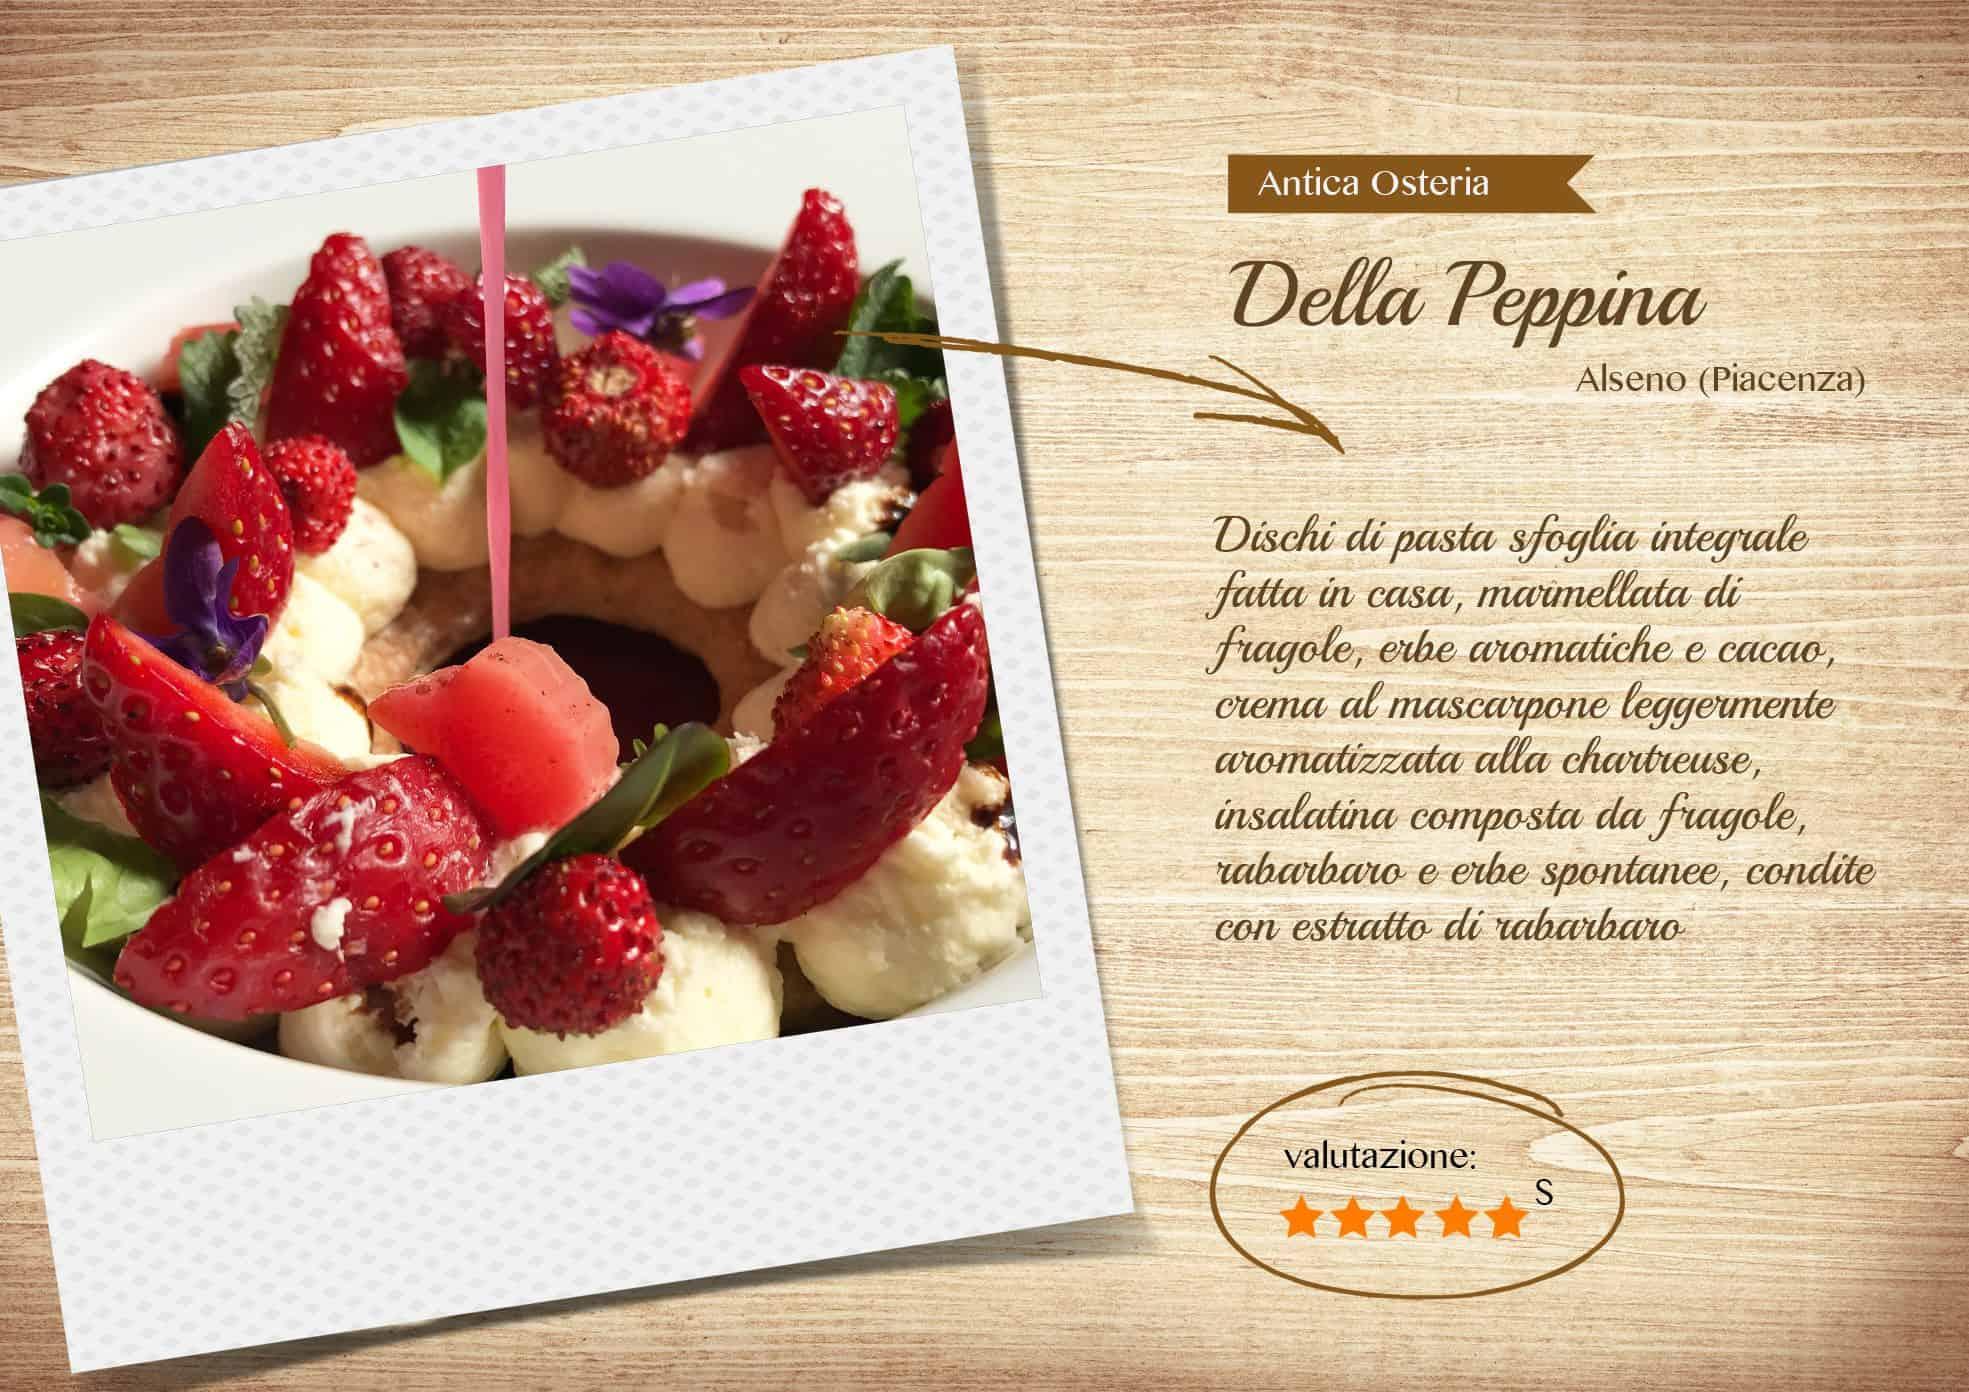 Antica Osteria della Peppina - Piacenza